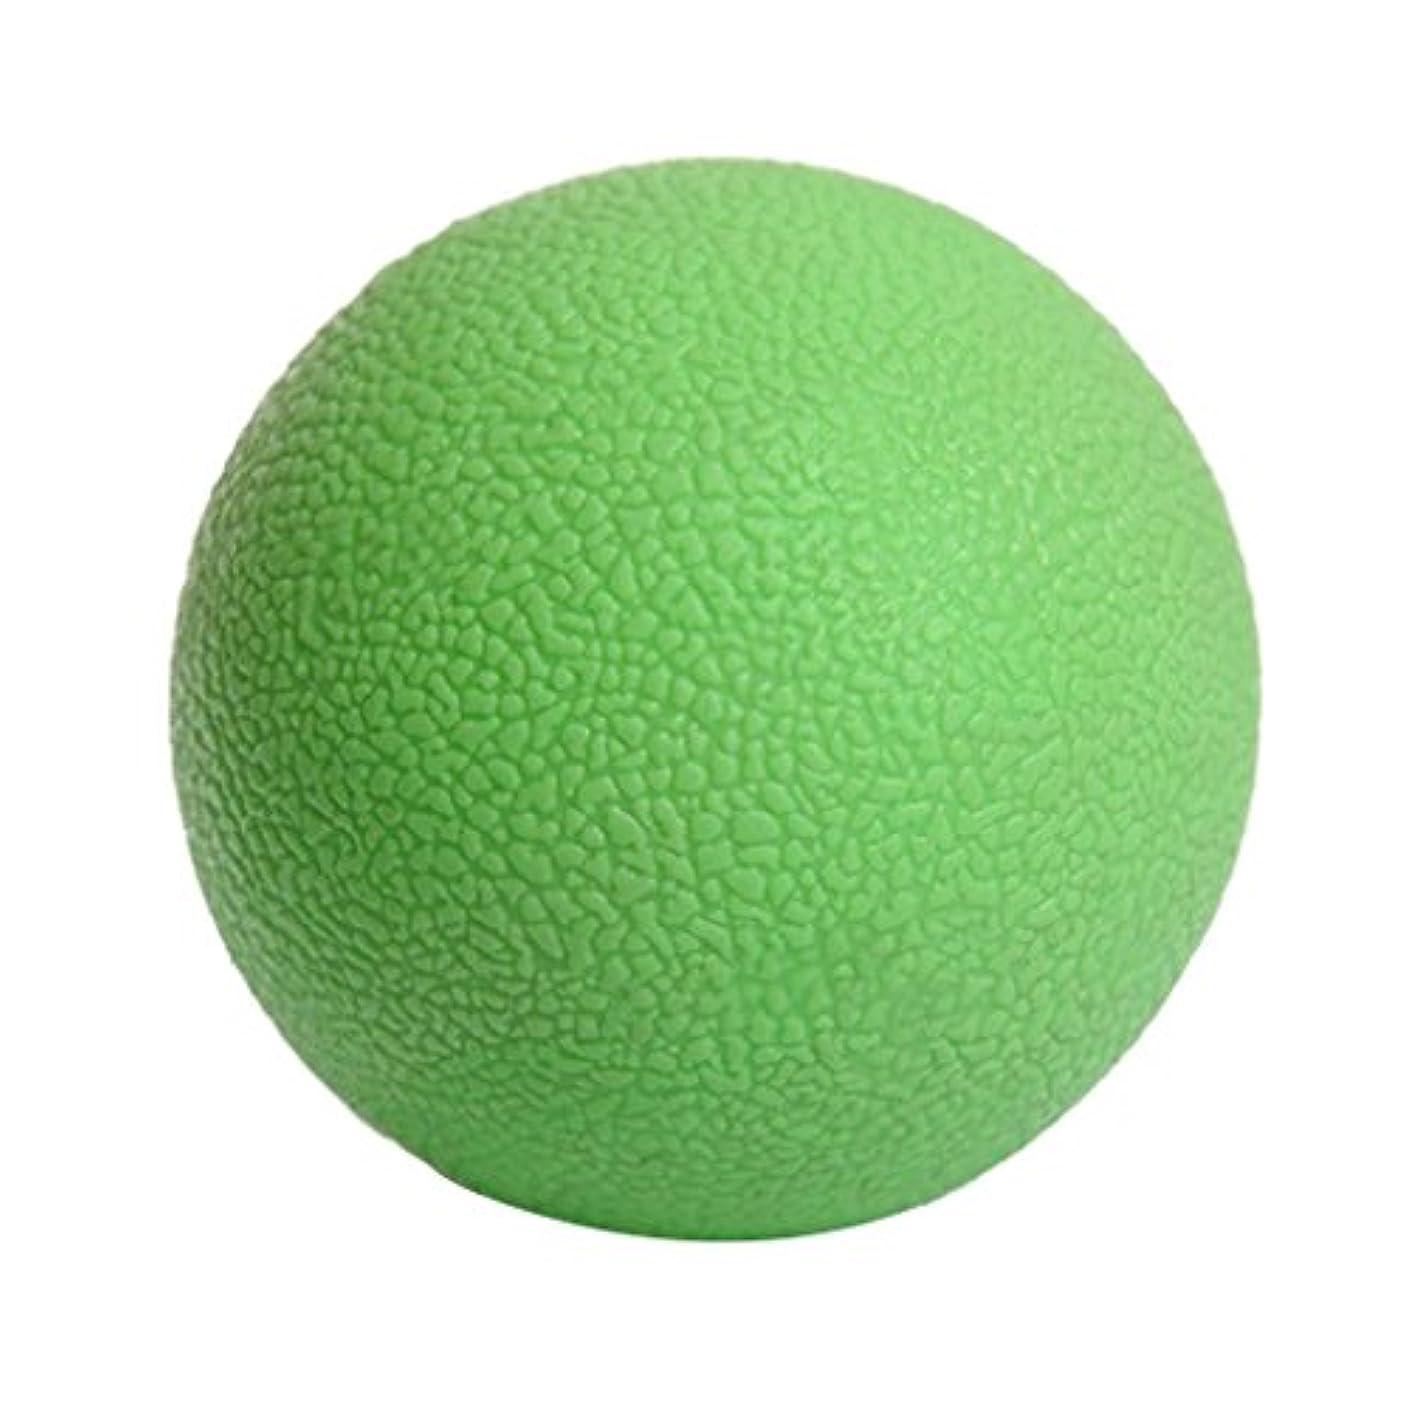 Kesoto マッサージボール ジムフィットネス 筋肉マッサージ ボール トリガーポイント 4色選べる - 緑